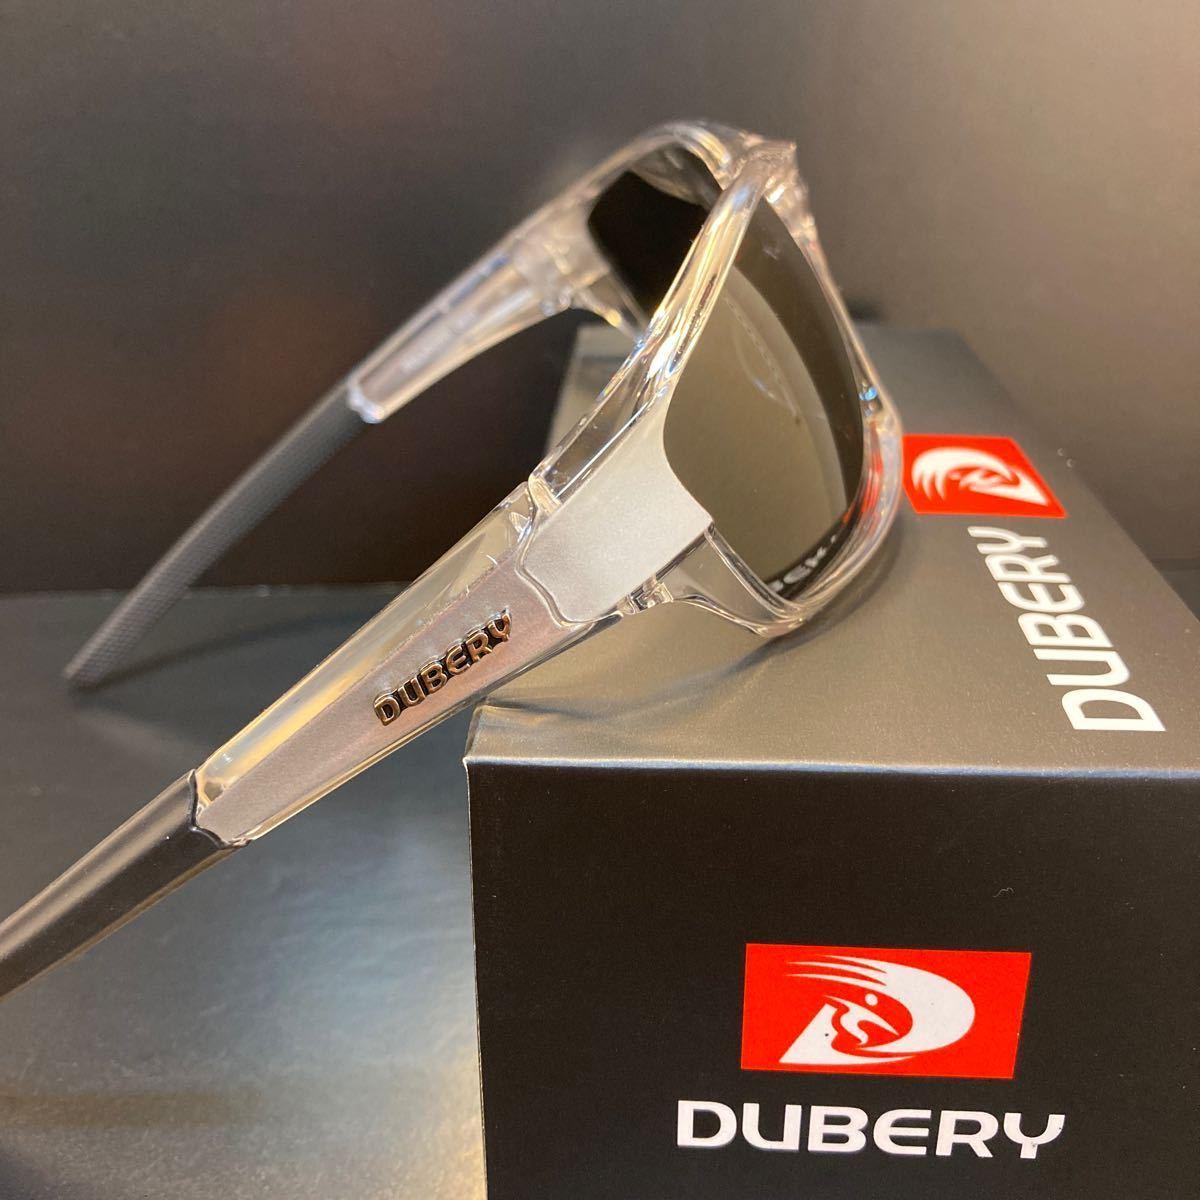 DUBERY 偏光 サングラス UVカット 新品 送料無料 ブラックレンズ シルバークリア 即決 バス釣り 釣り サイクリング エギング